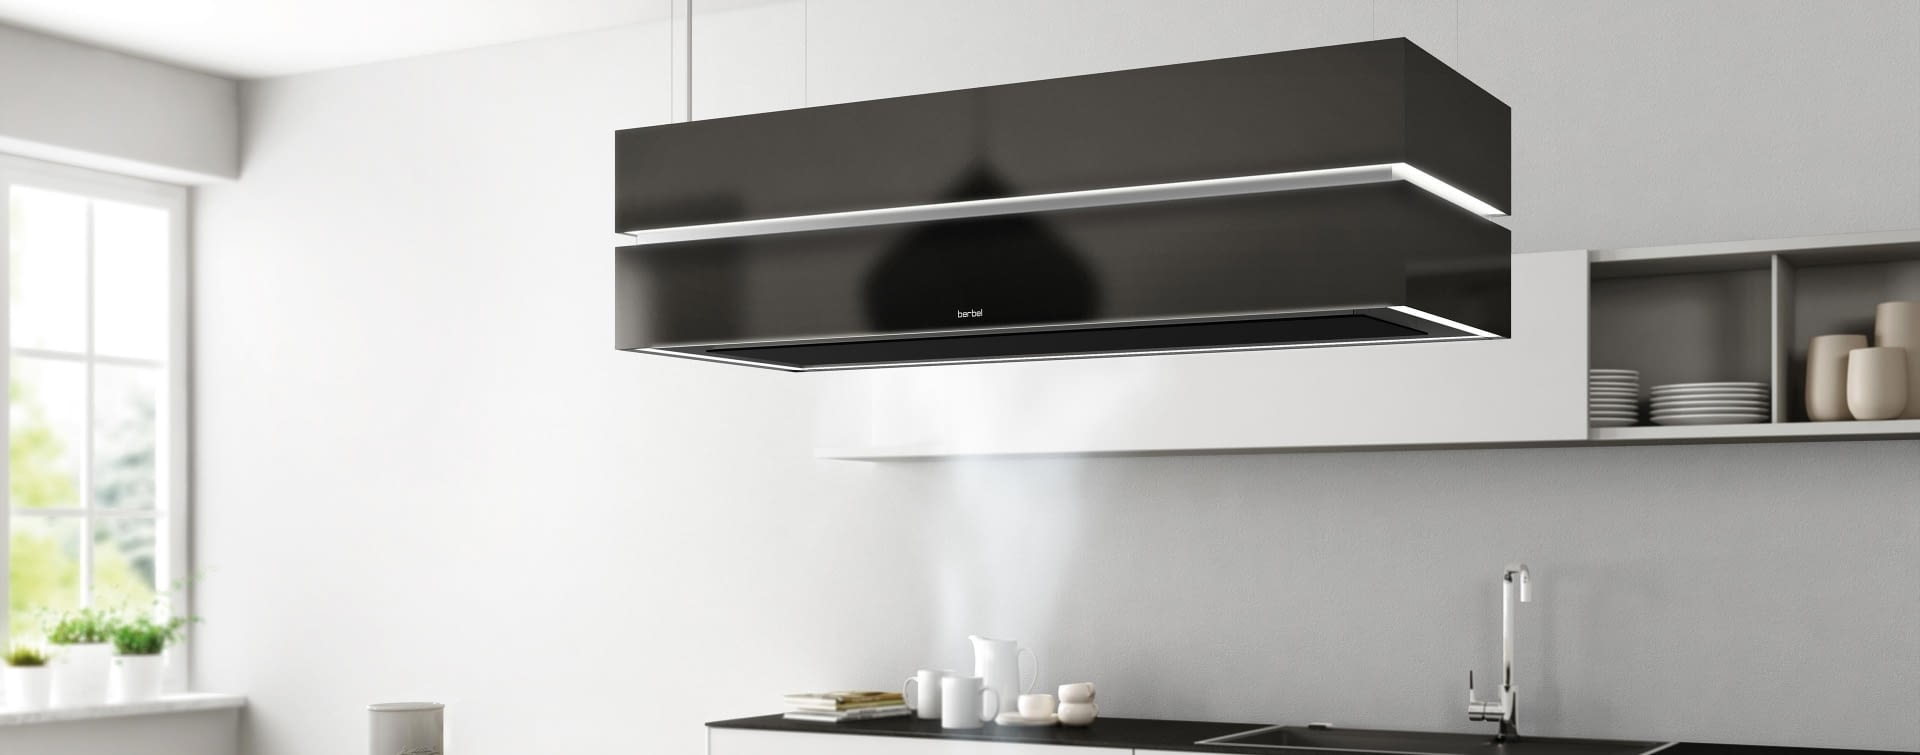 Erfreut Küchenabzugshaube Galerie - Ideen Für Die Küche Dekoration ...